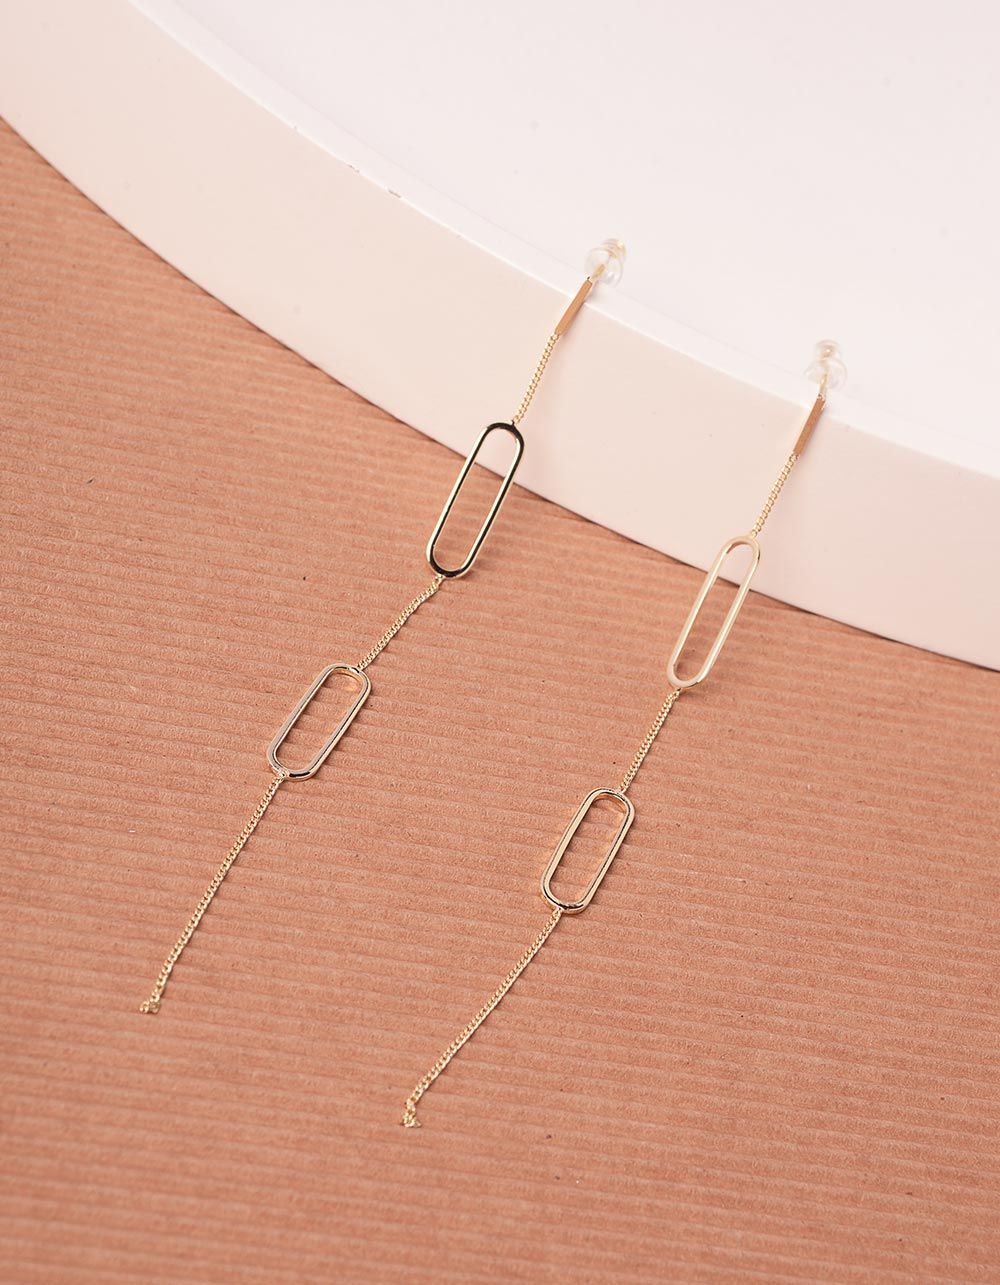 Сережки довгі у вигляді ланцюжка   240343-04-XX